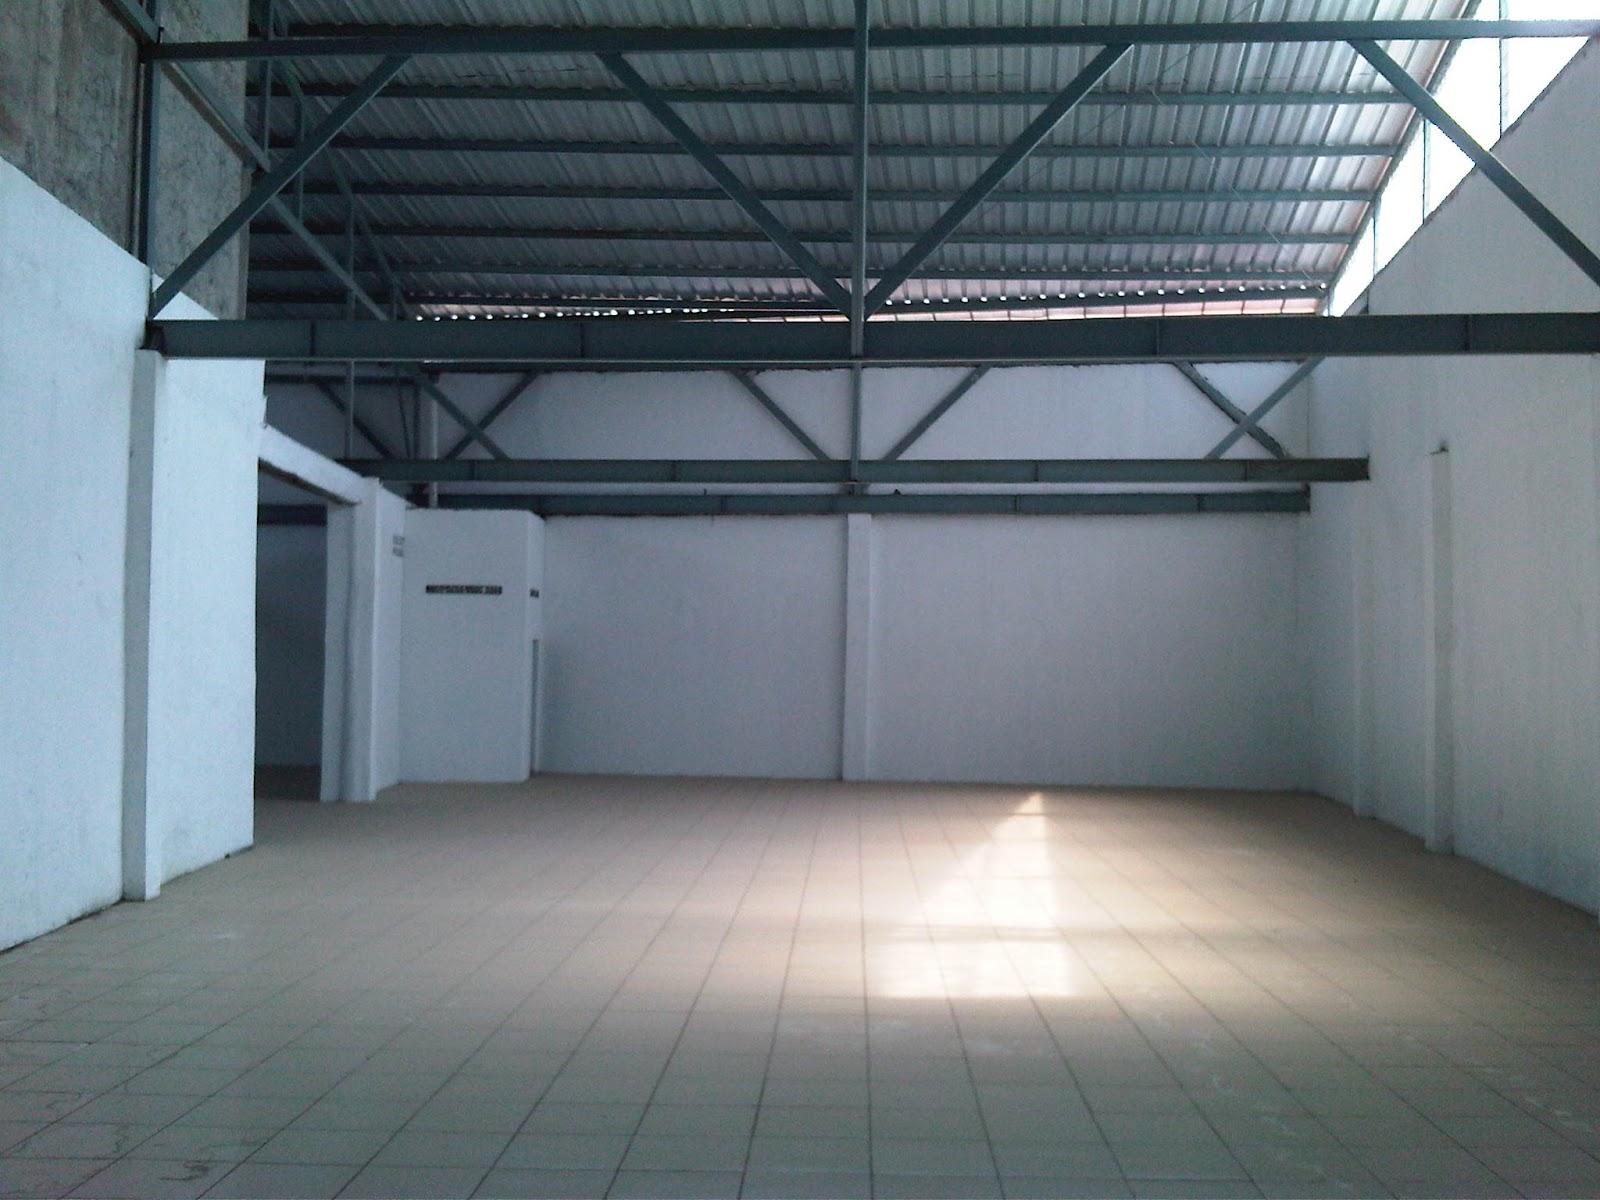 Proxy Property Bandung Sewa Gudang Bandung